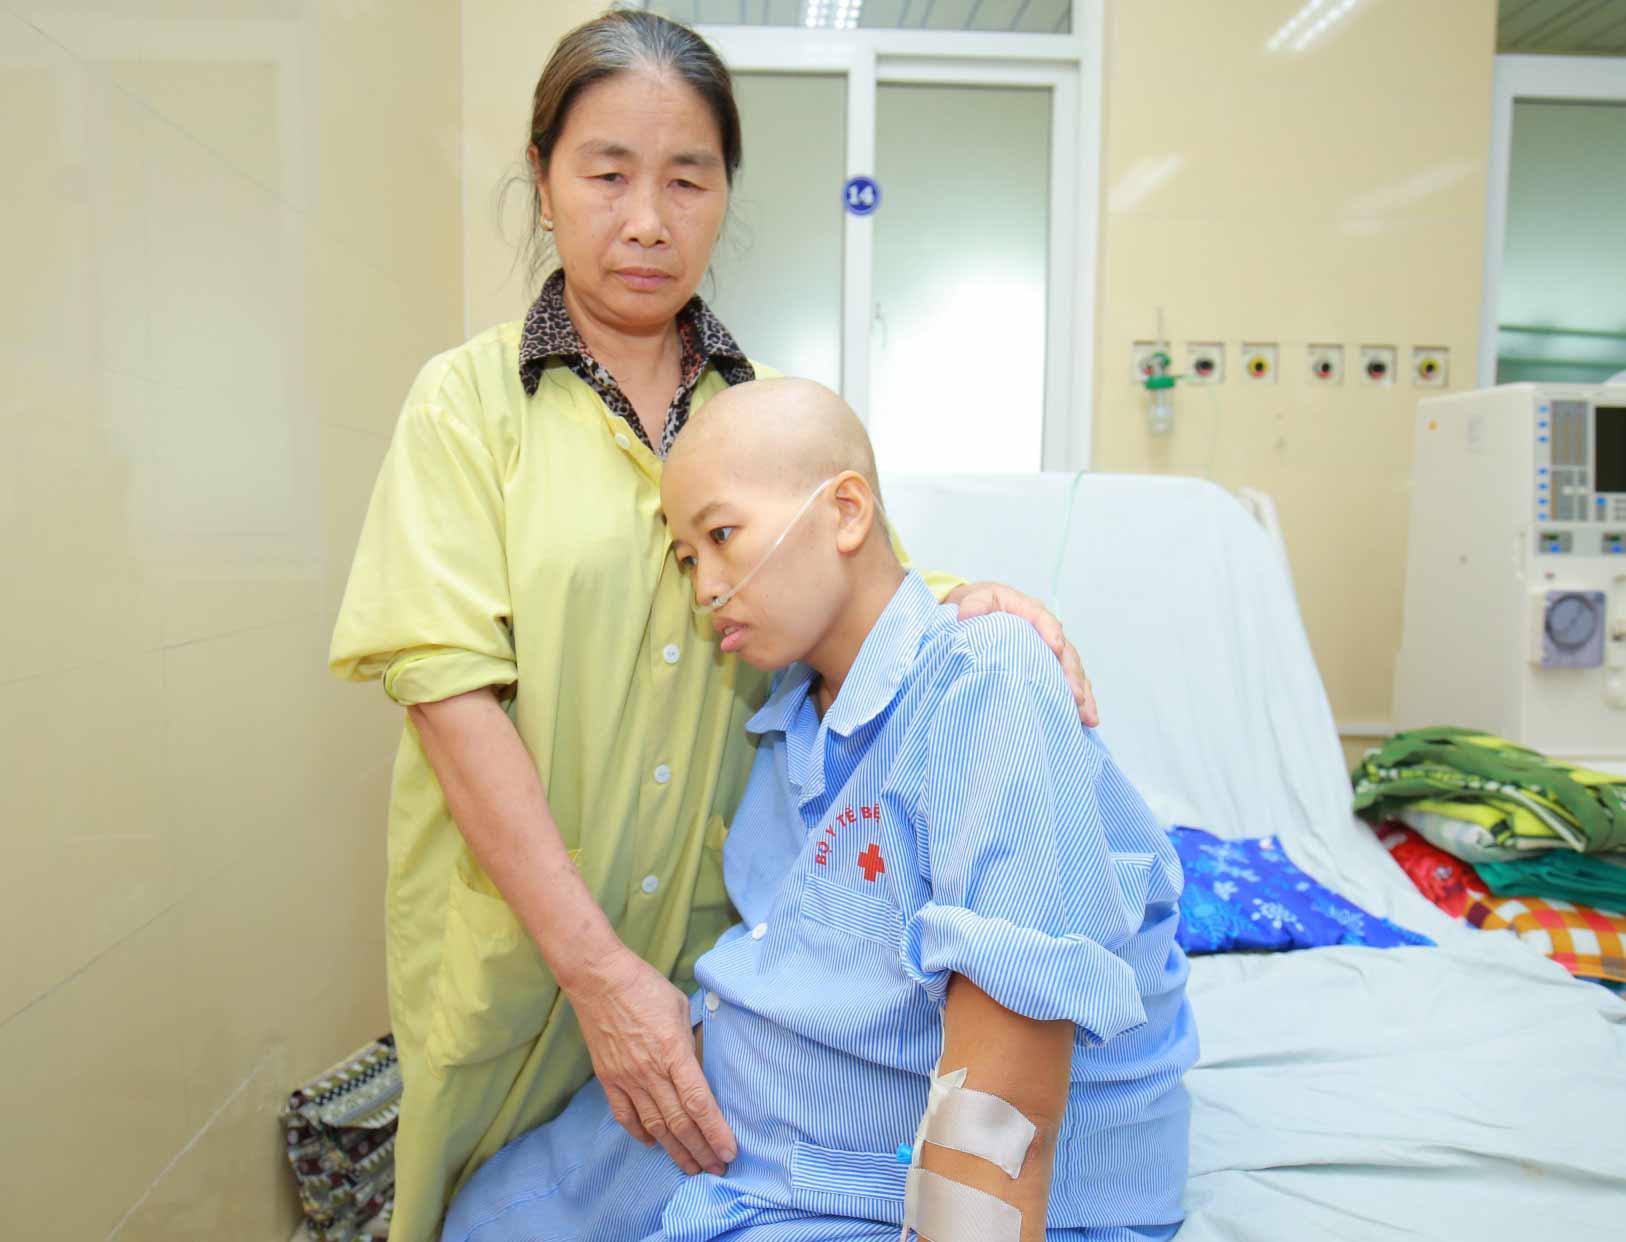 Từ chuyện người mẹ ung thư vú vẫn kiên trì sinh con, Giám đốc BV K chỉ ra dấu hiệu nhận biết sớm - 1